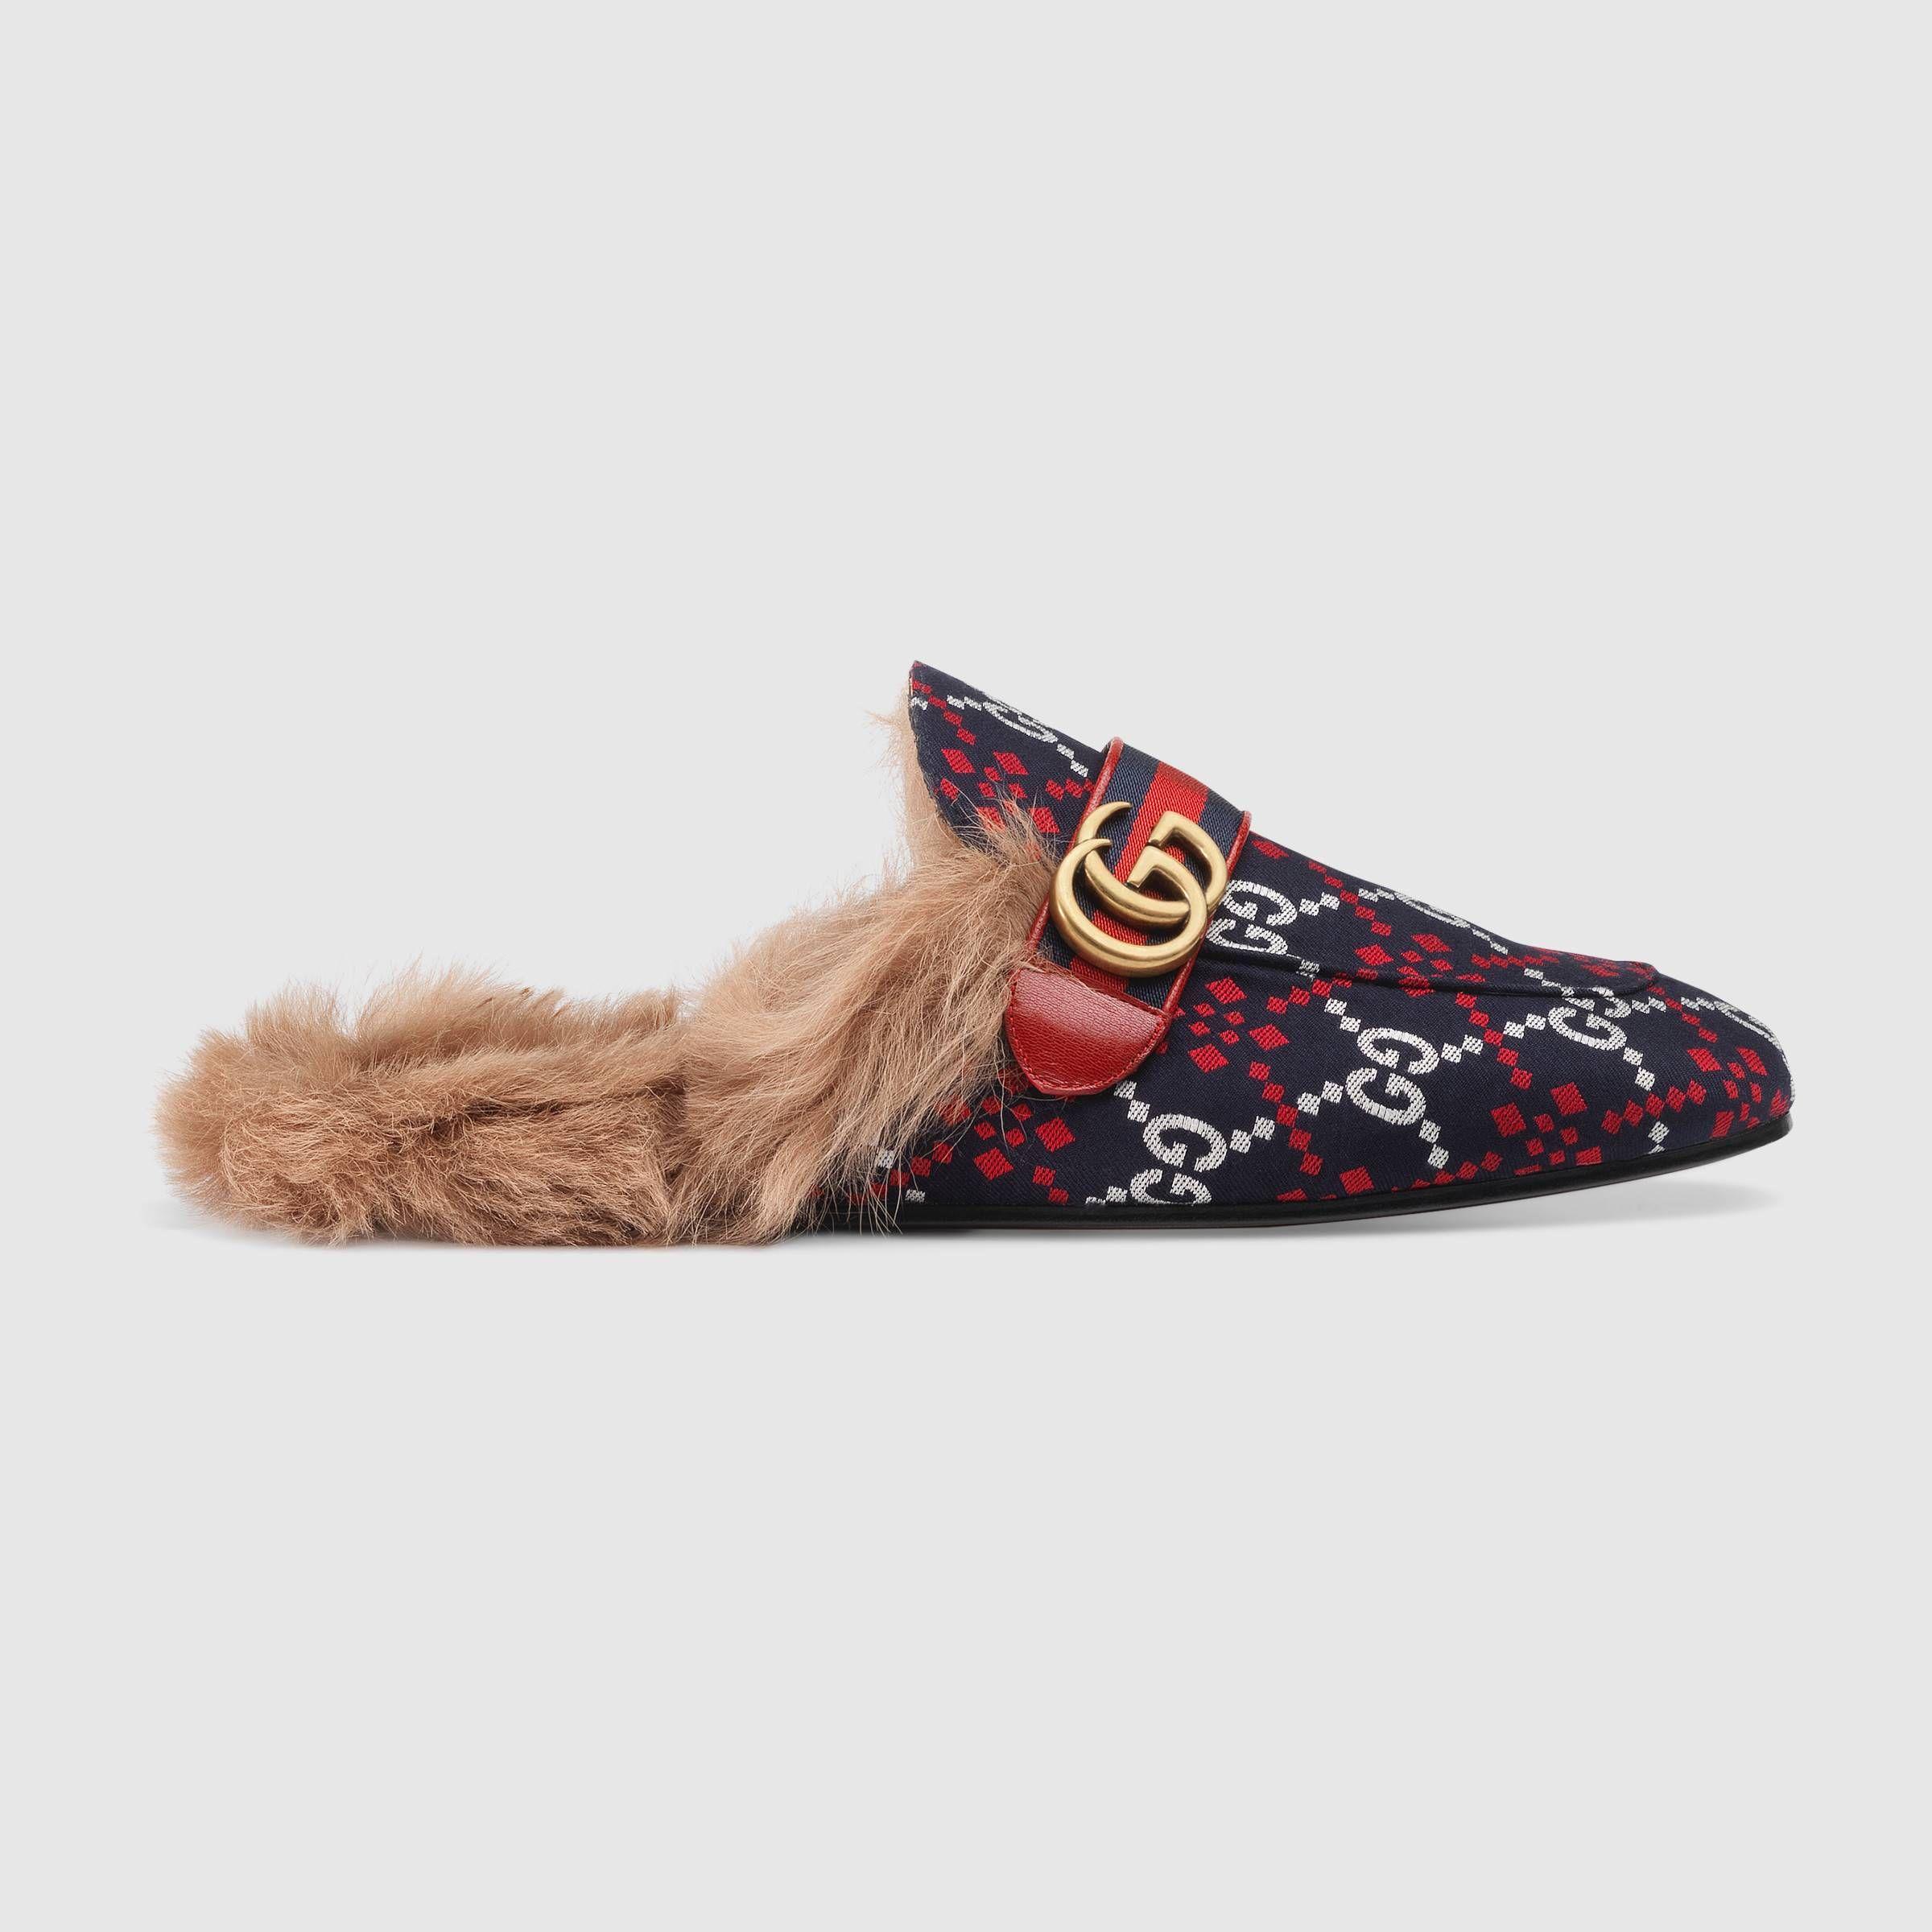 7e0ae45ba25 GUCCI PRINCETOWN GG DIAMOND SLIPPER. #gucci #shoes | Gucci in 2019 ...